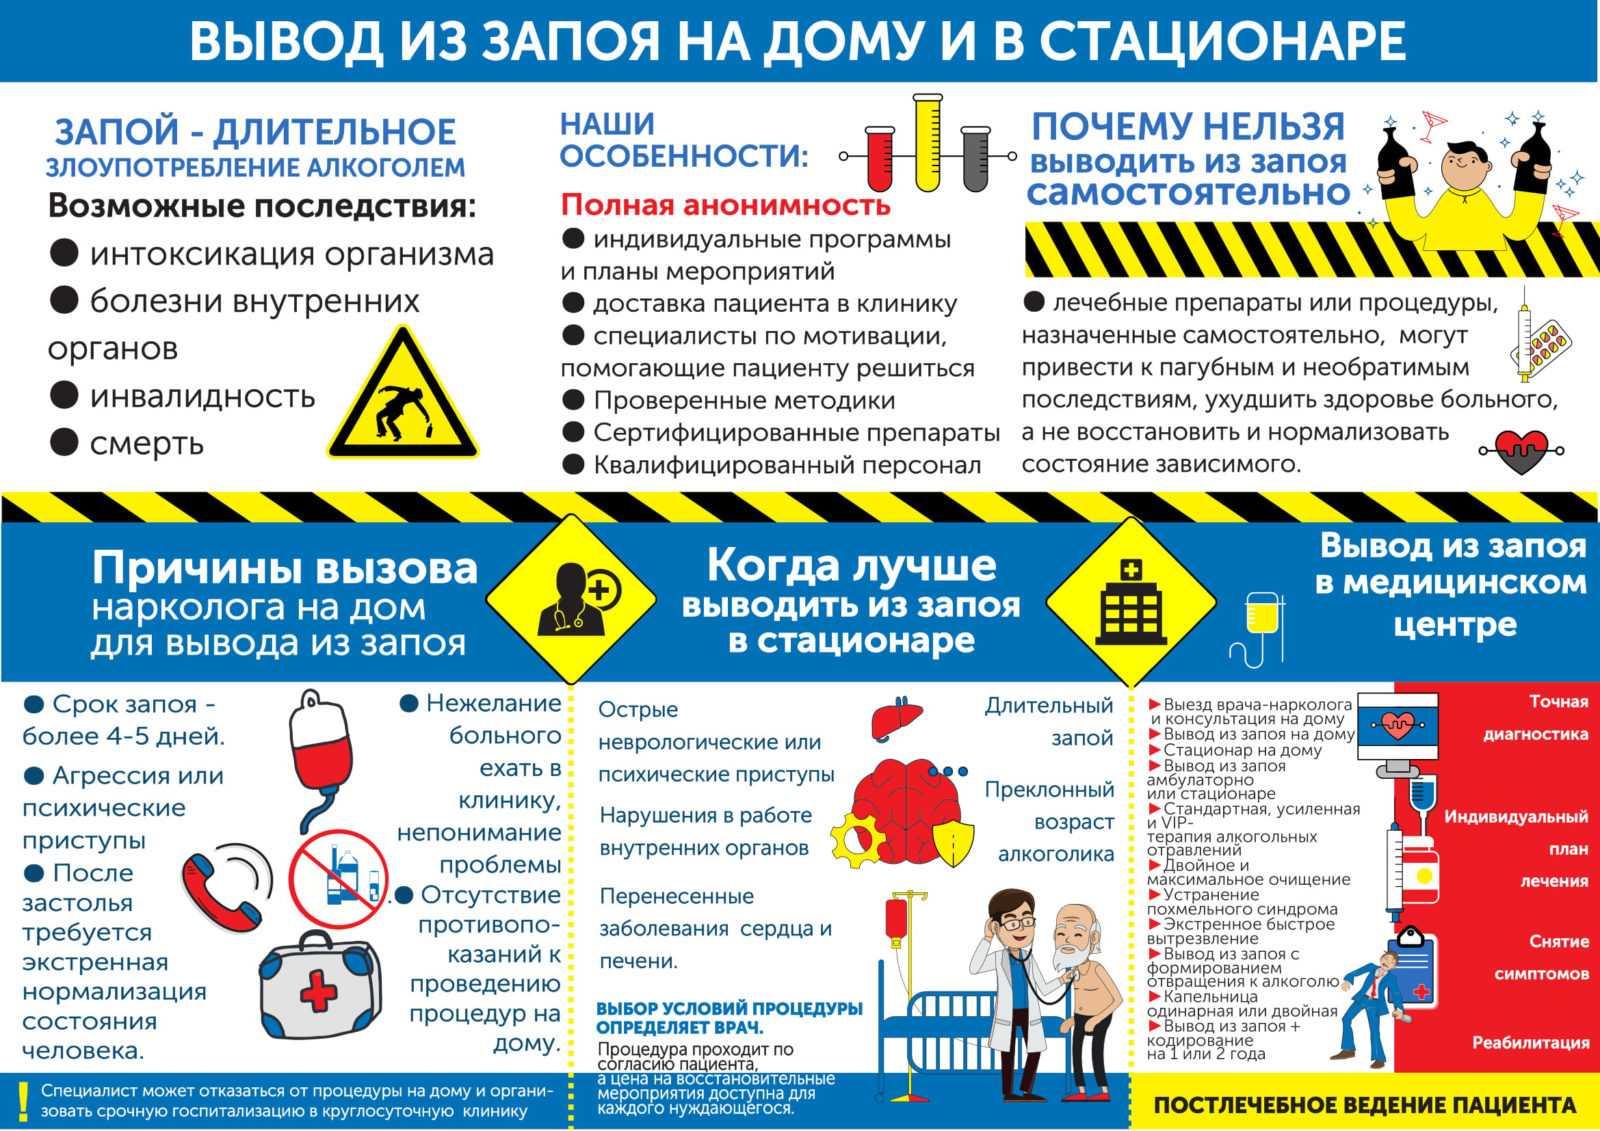 срочный вывод из запоя в Ростове-на-Дону